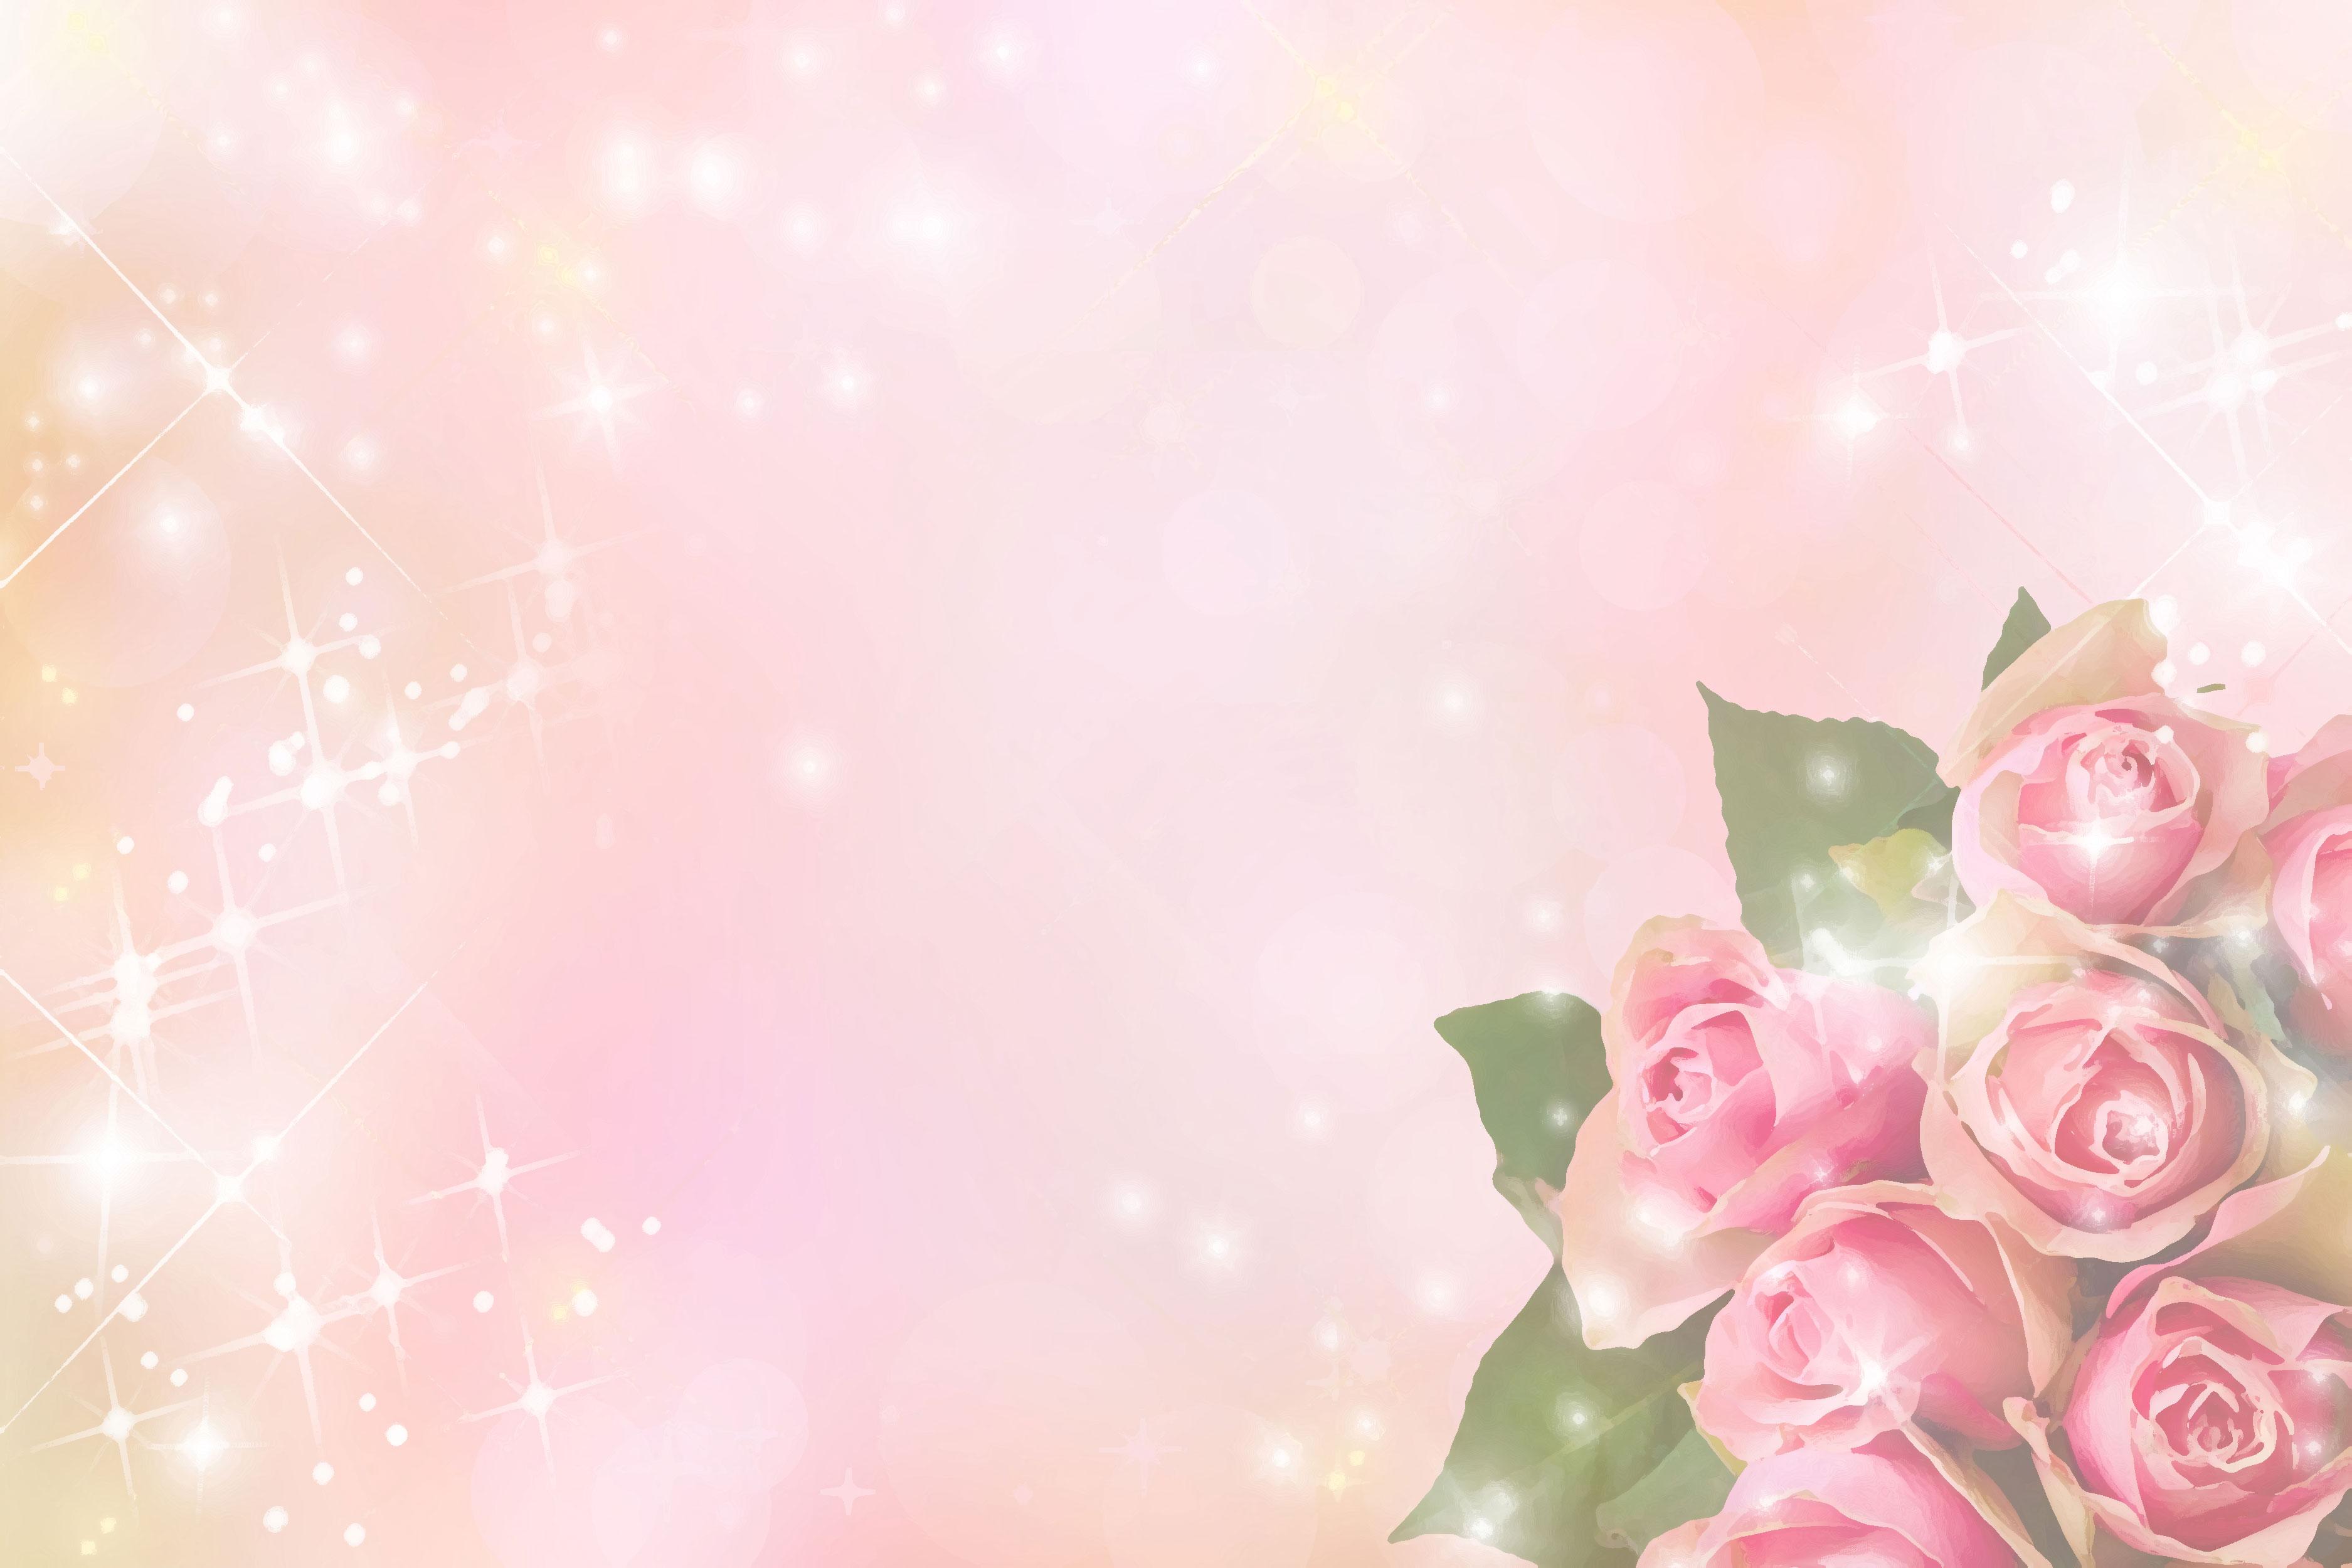 花のイラスト・フリー素材/壁紙・背景no.073『バラ・ピンク・光輝く』